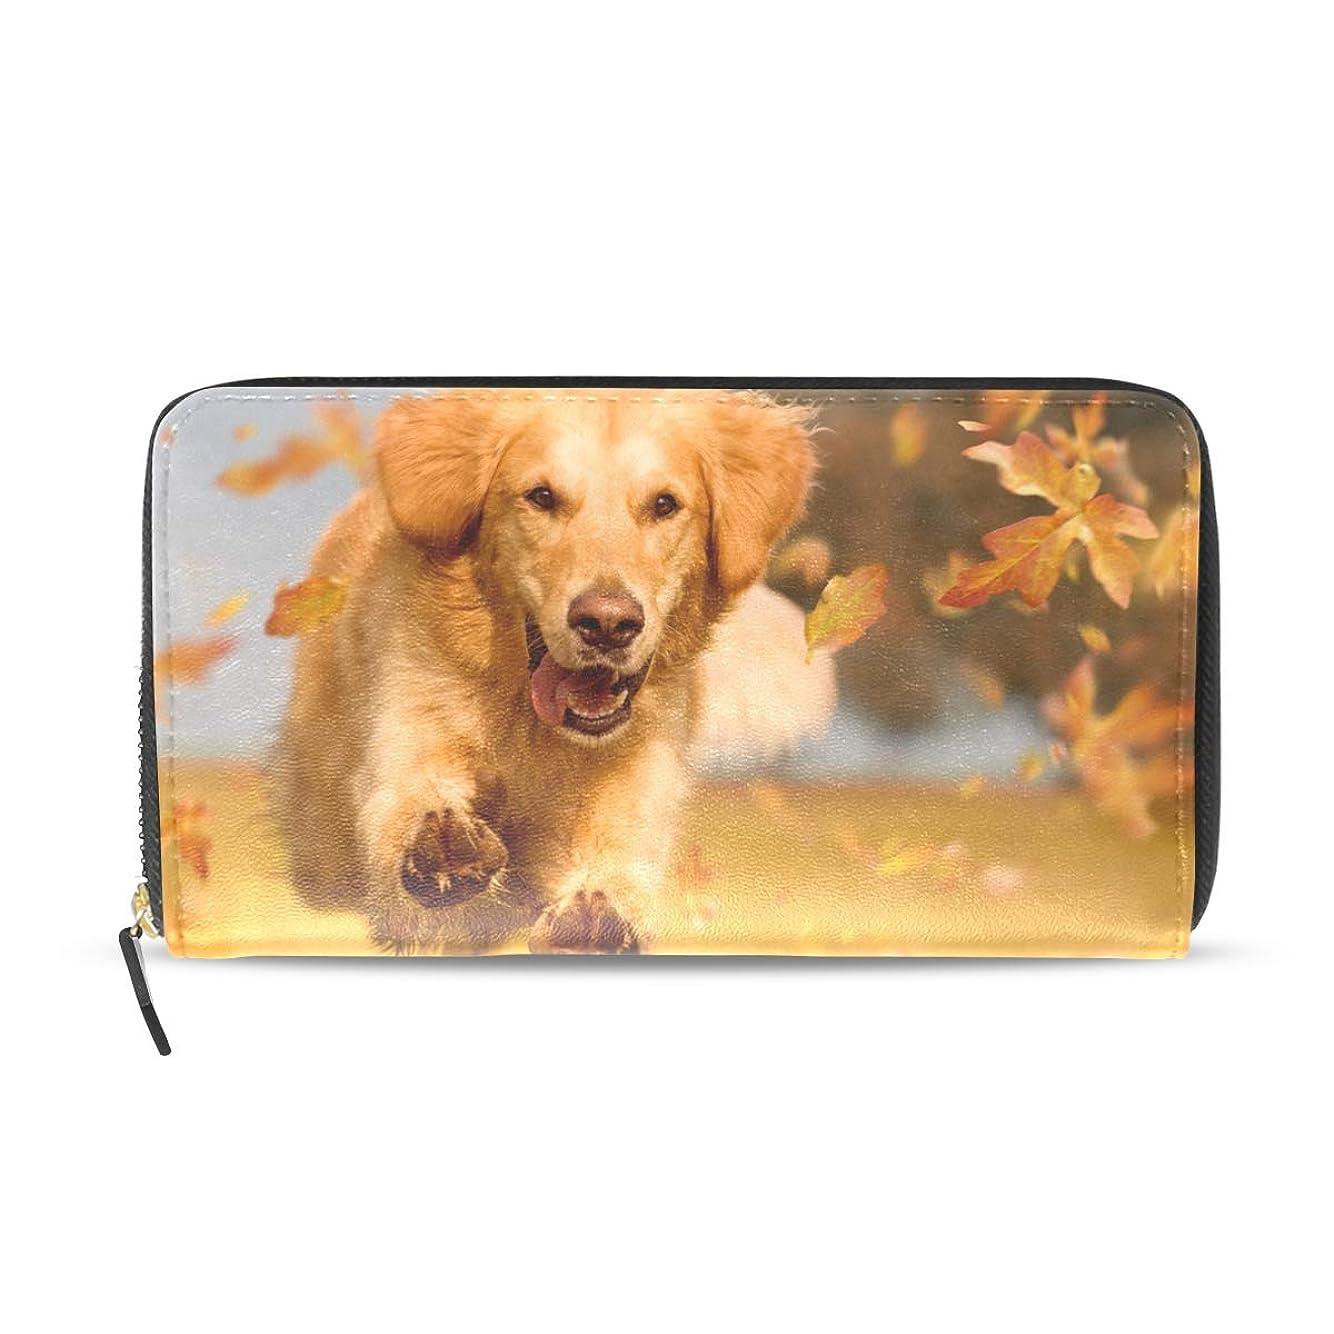 剣口ひげ充実AOMOKI 長財布 財布 ラウンドファスナー 北欧 ギフト プレゼント PU レザー 大容量 通学 通勤 旅行 幅20*丈11cm ドッグ 犬柄 可愛い犬柄